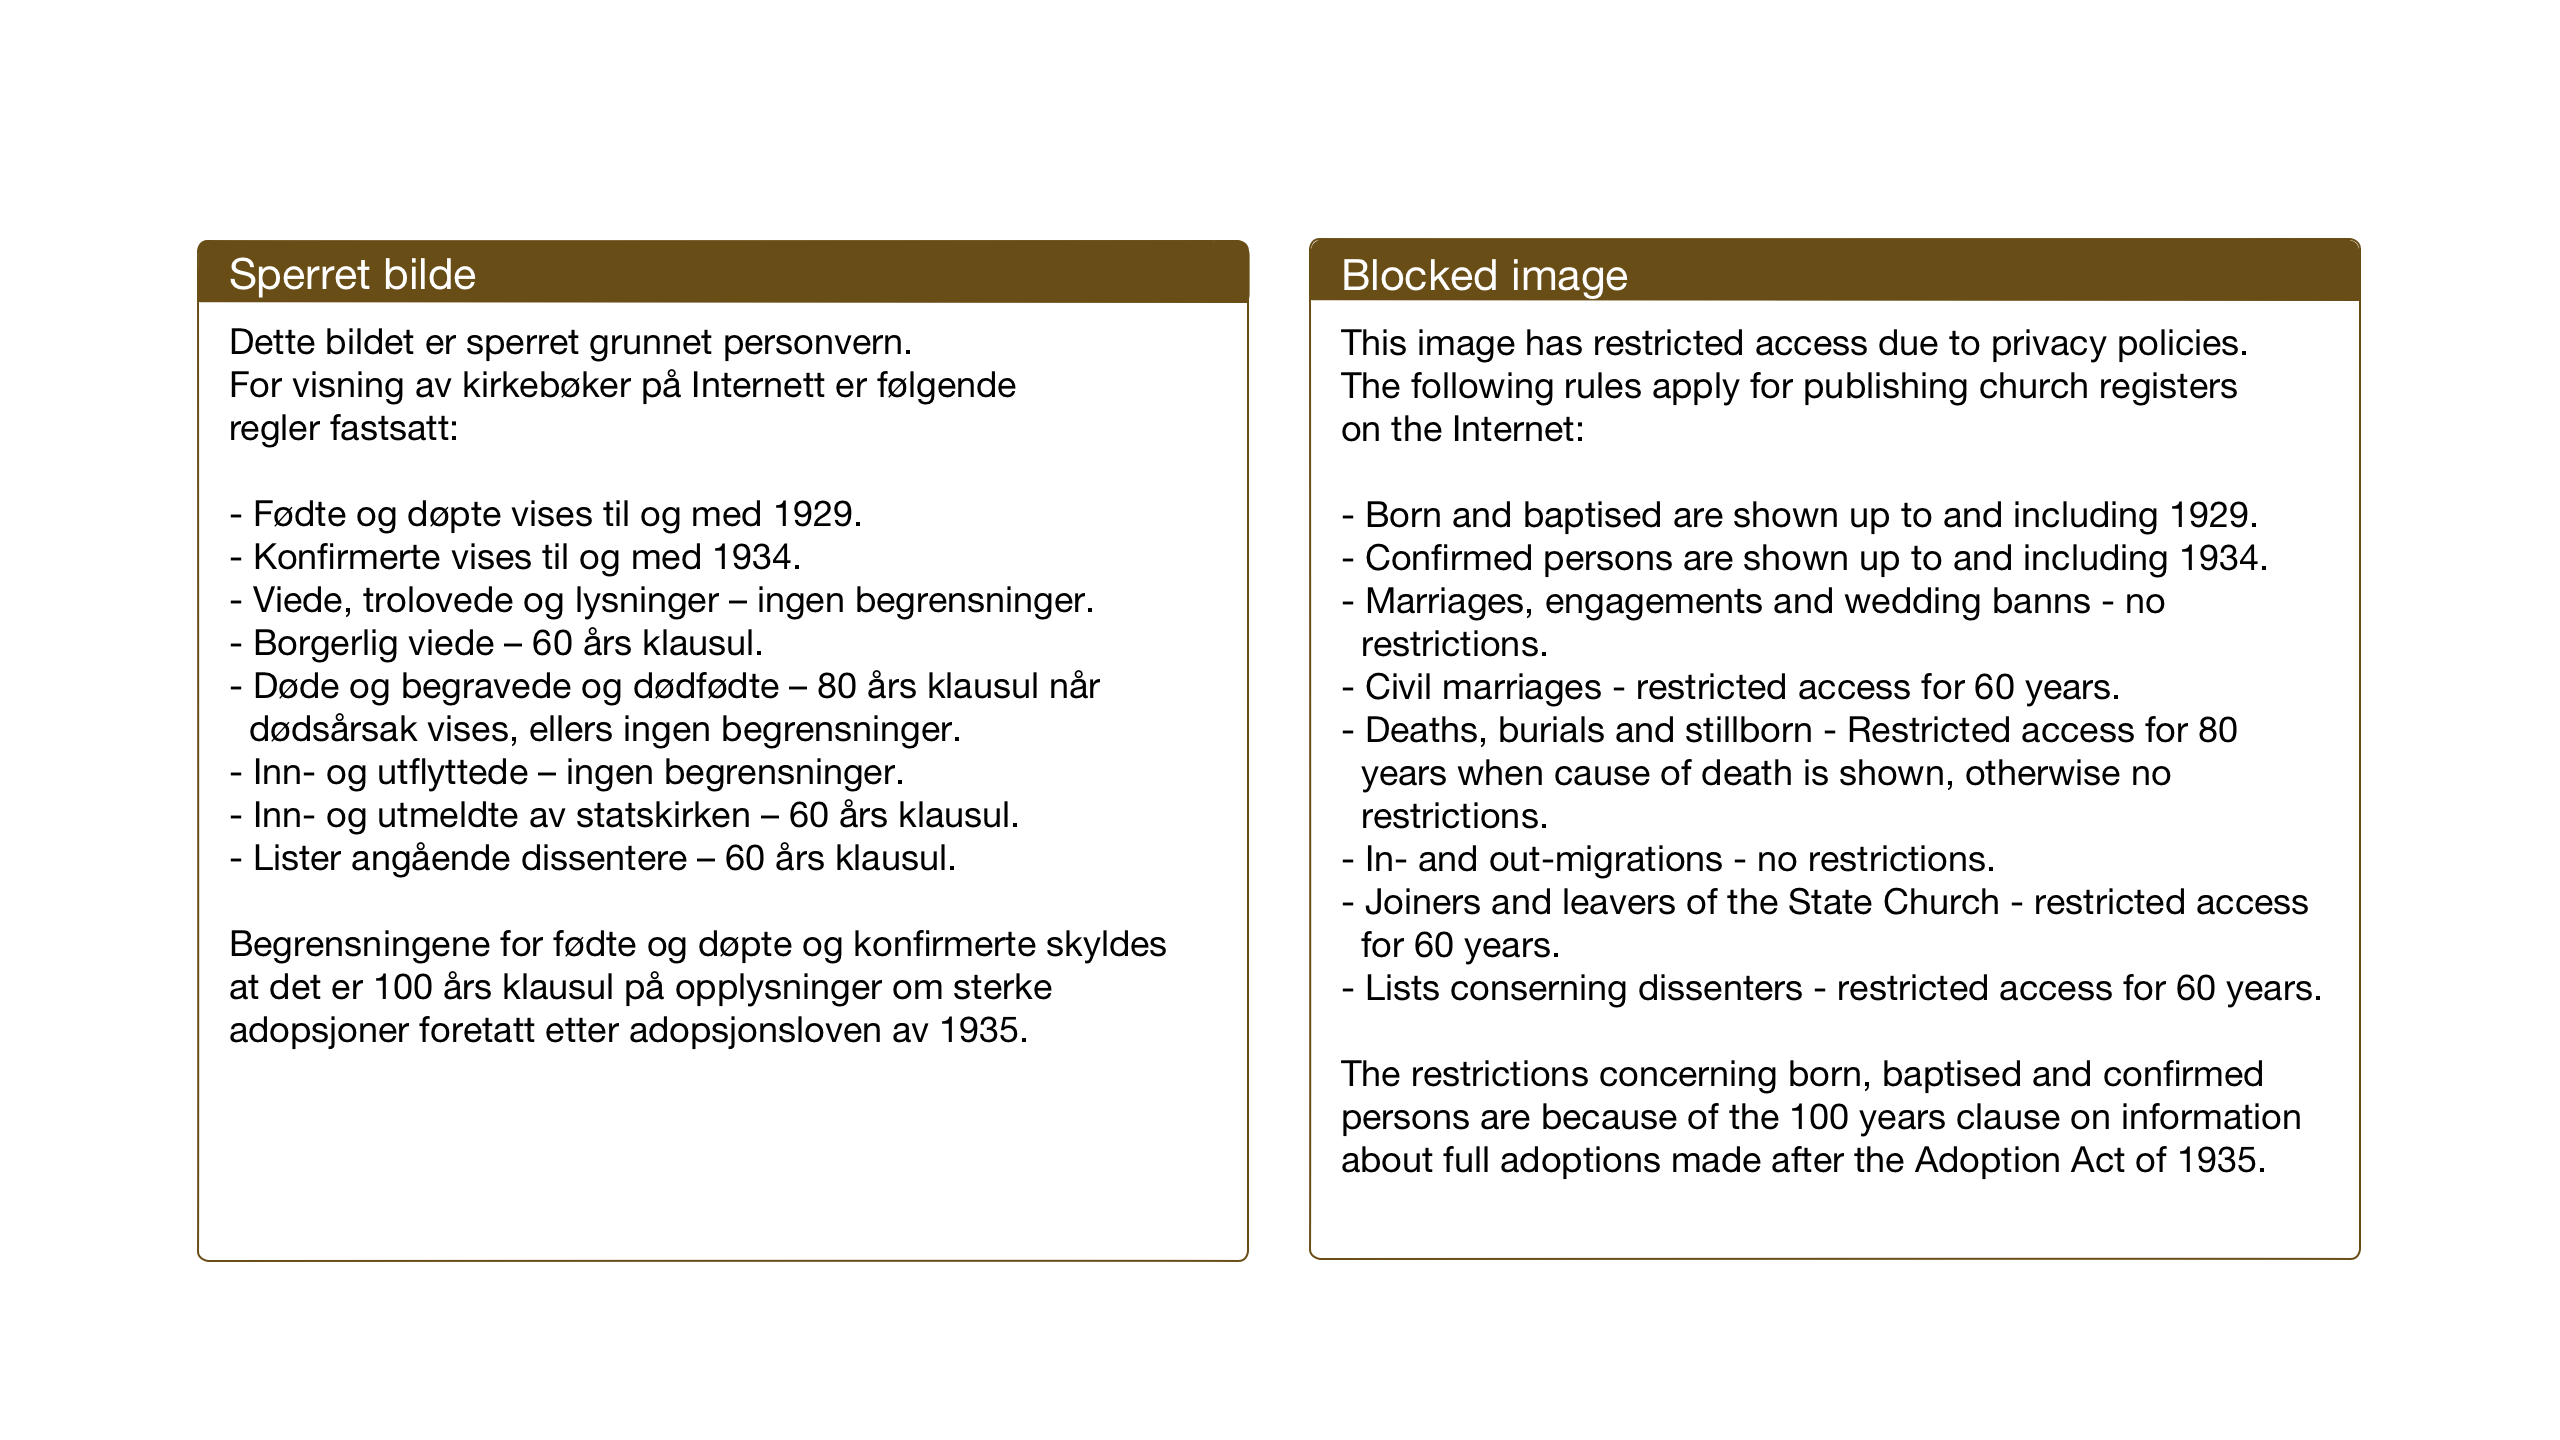 SAT, Ministerialprotokoller, klokkerbøker og fødselsregistre - Sør-Trøndelag, 638/L0569: Klokkerbok nr. 638C01, 1923-1961, s. 131